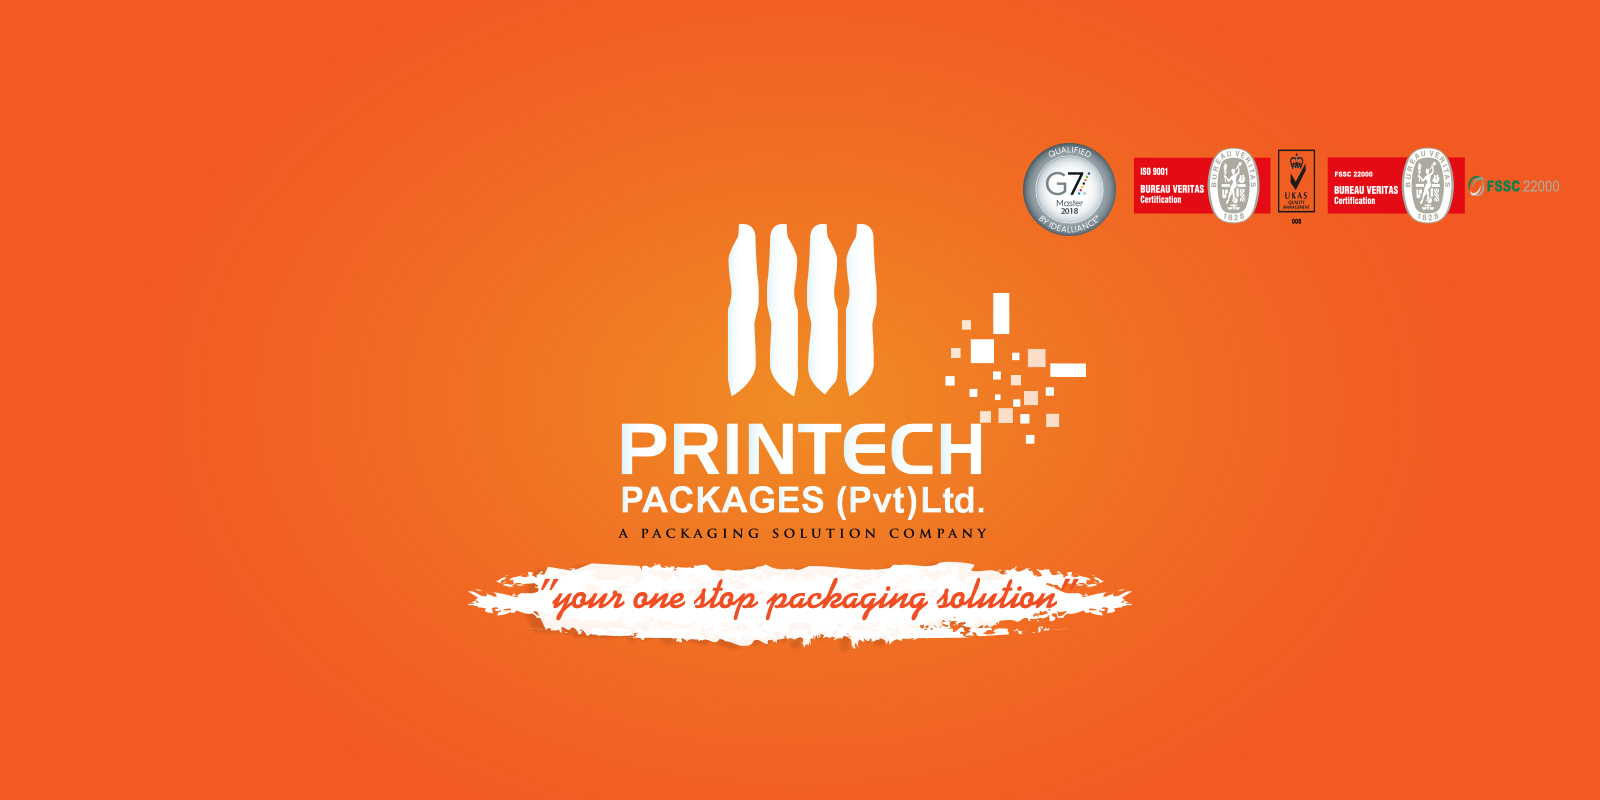 Printech Packages (Pvt) Ltd